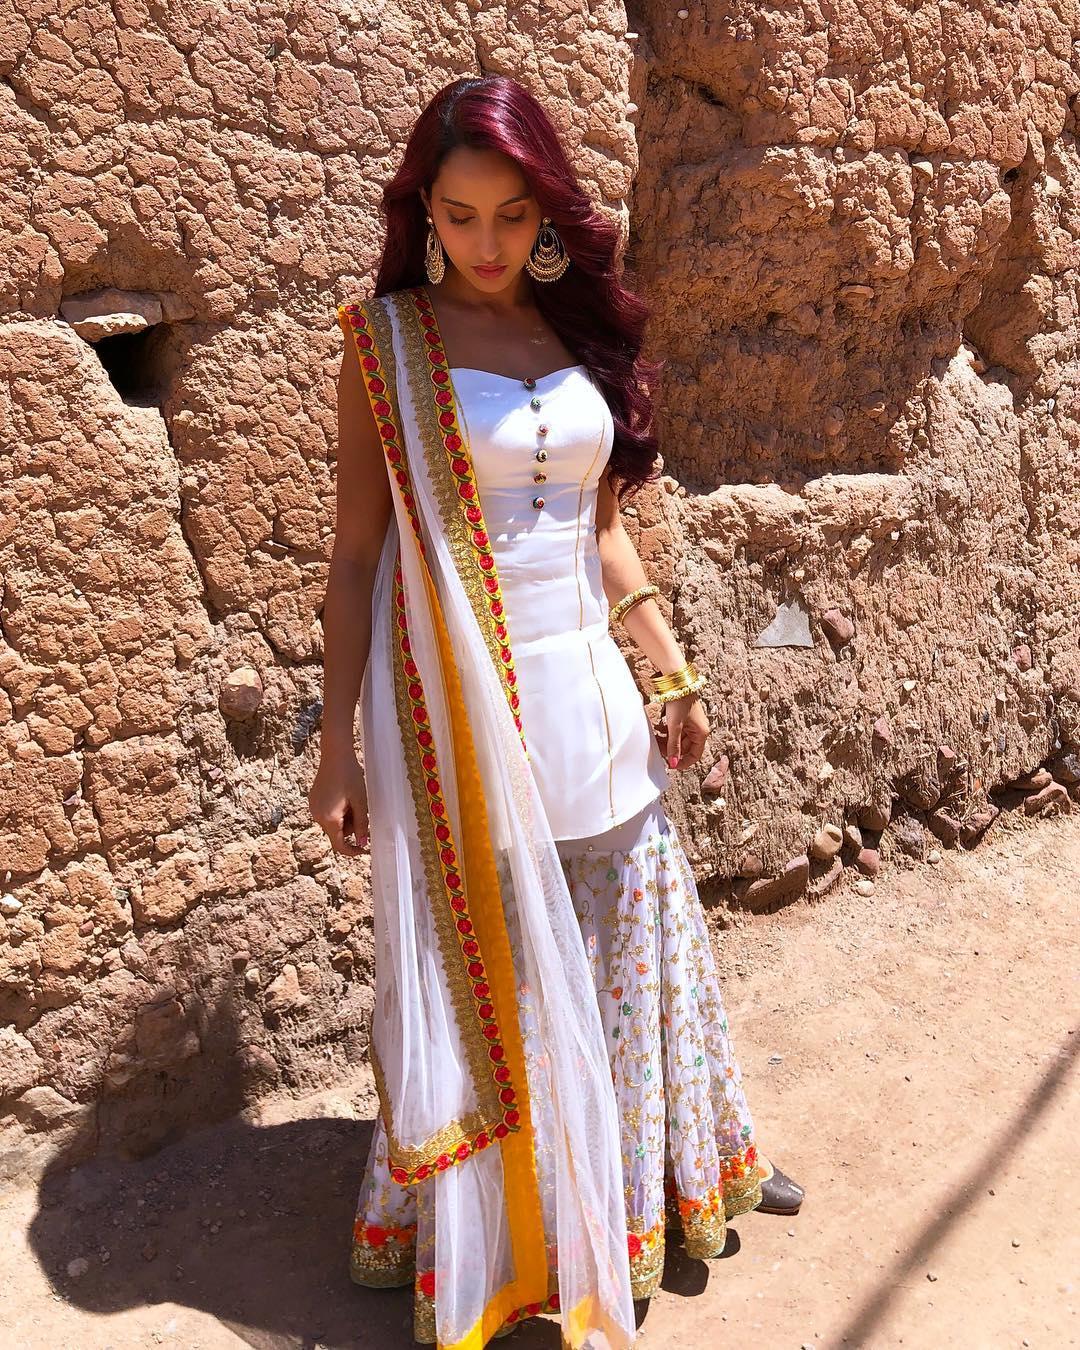 Nora fatehi bollywood actress 21